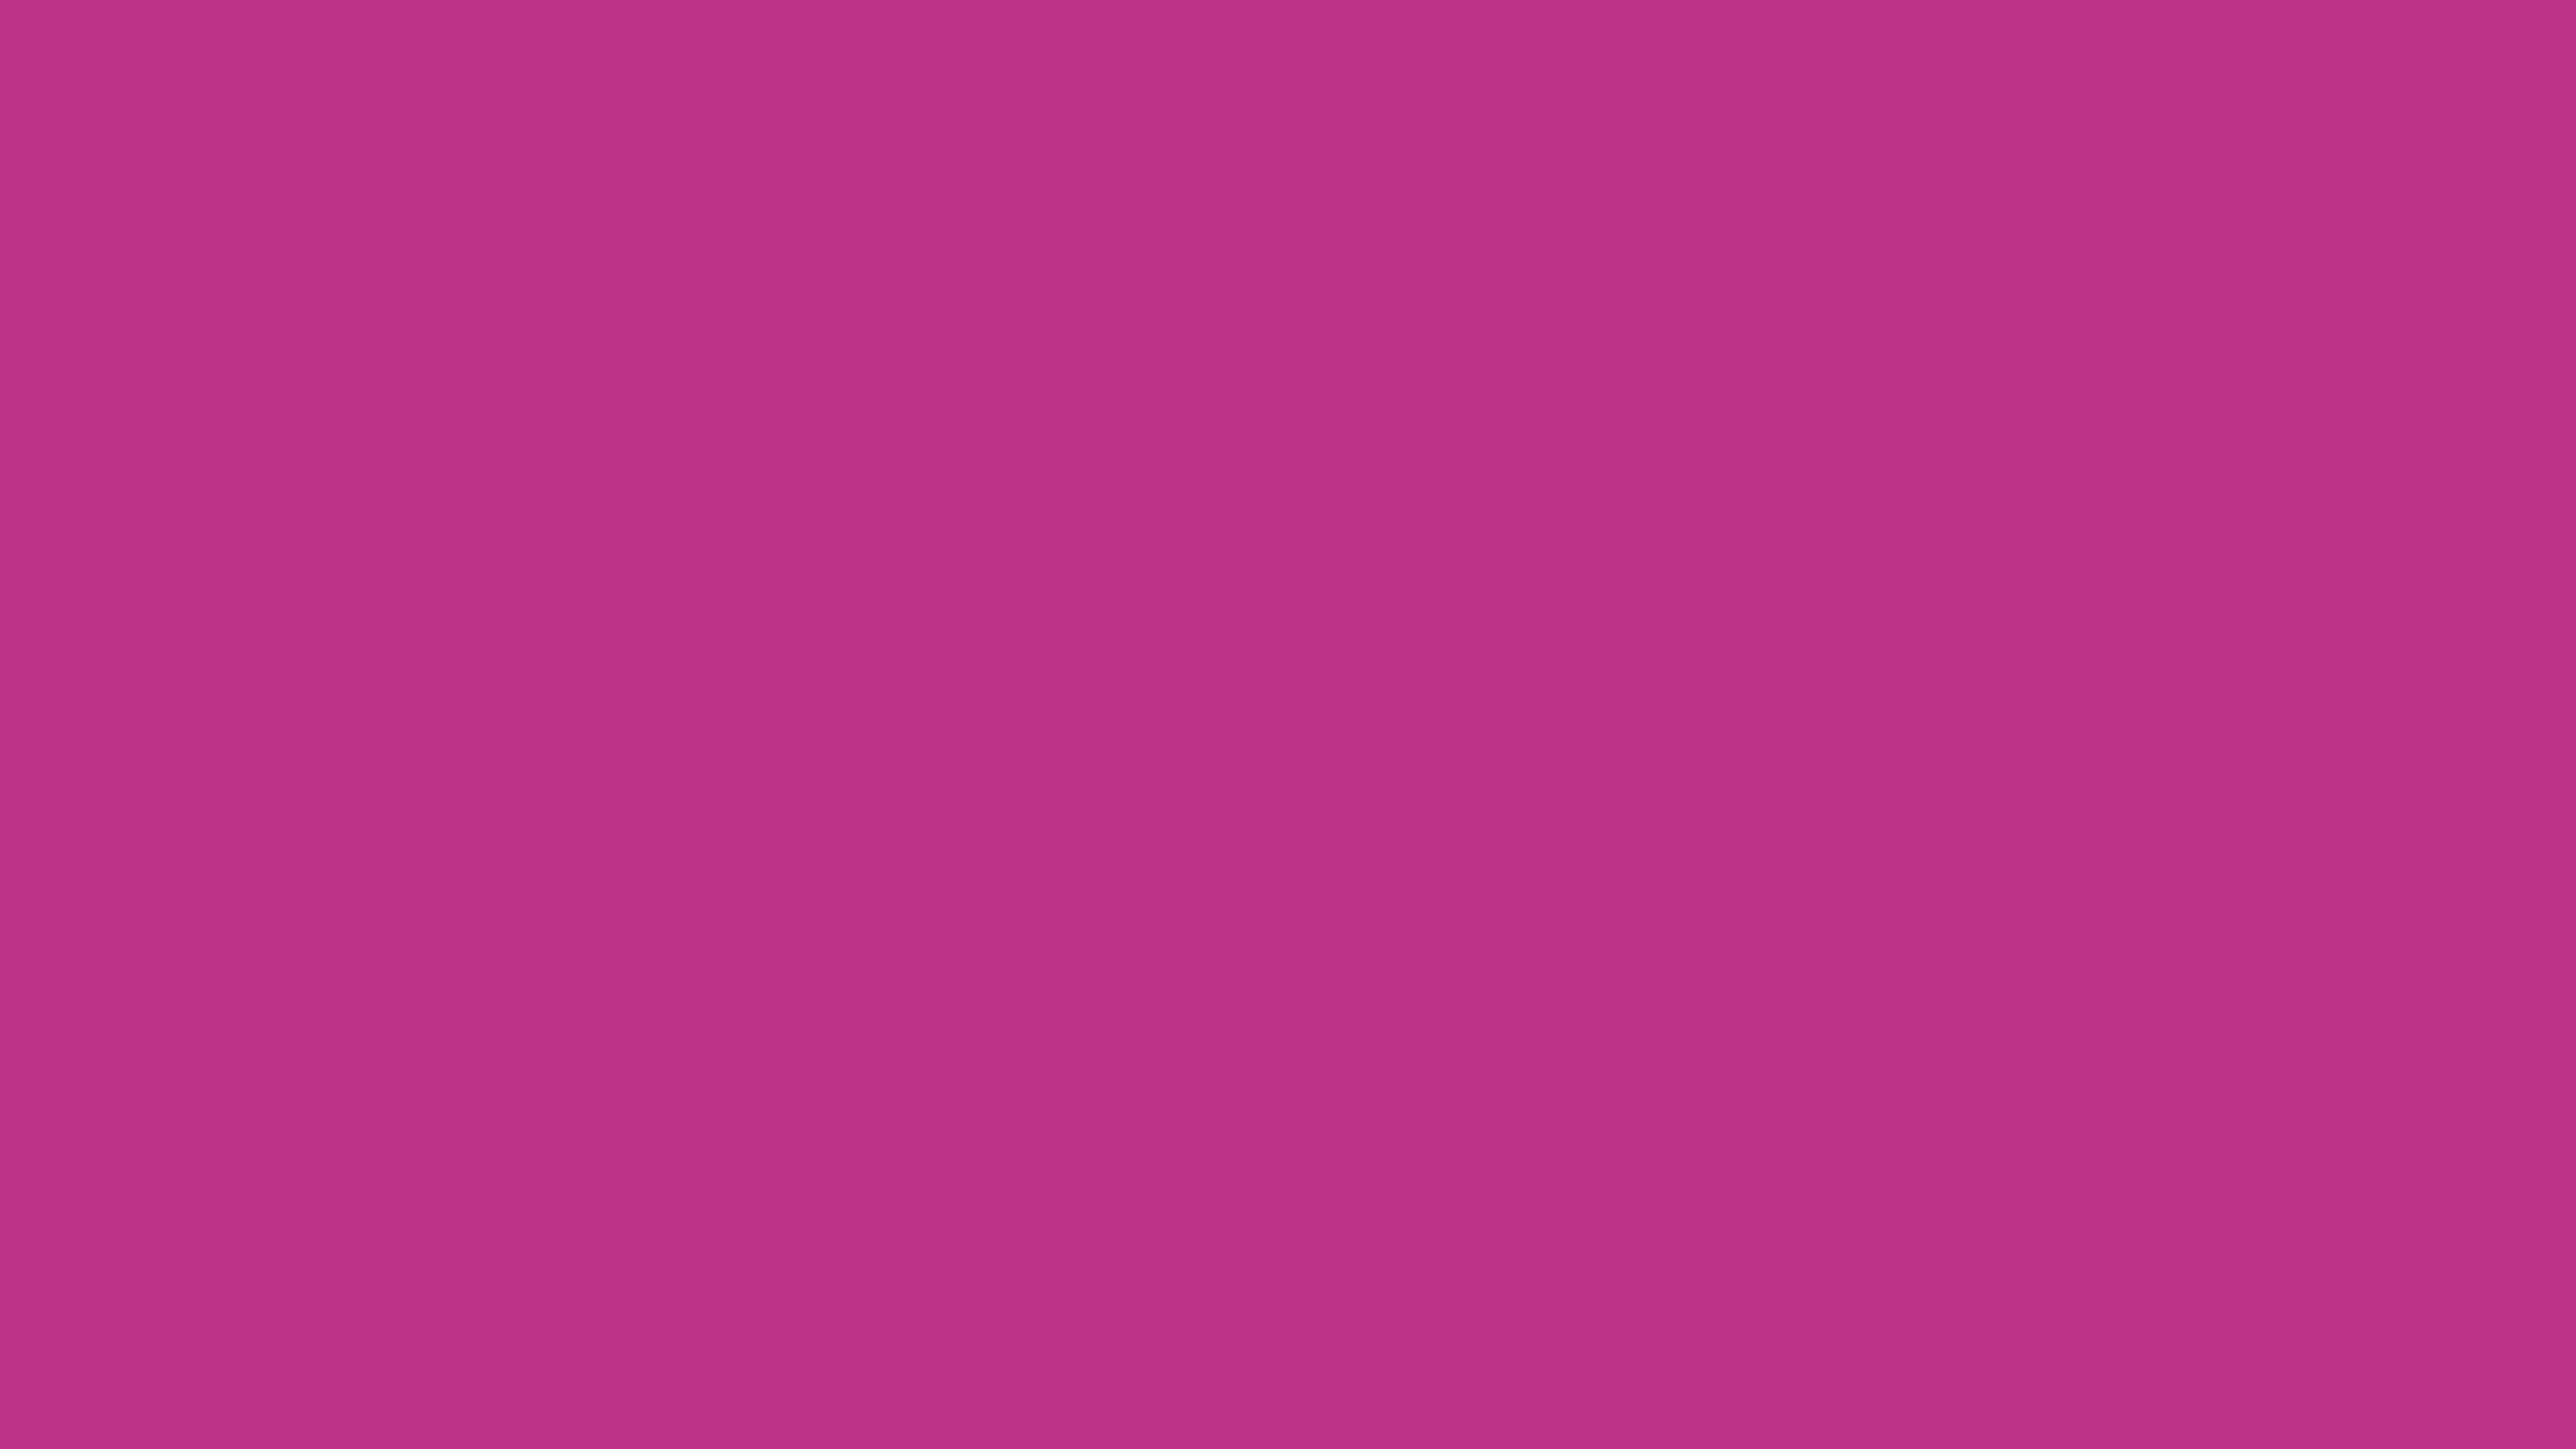 3840x2160 Medium Red-violet Solid Color Background